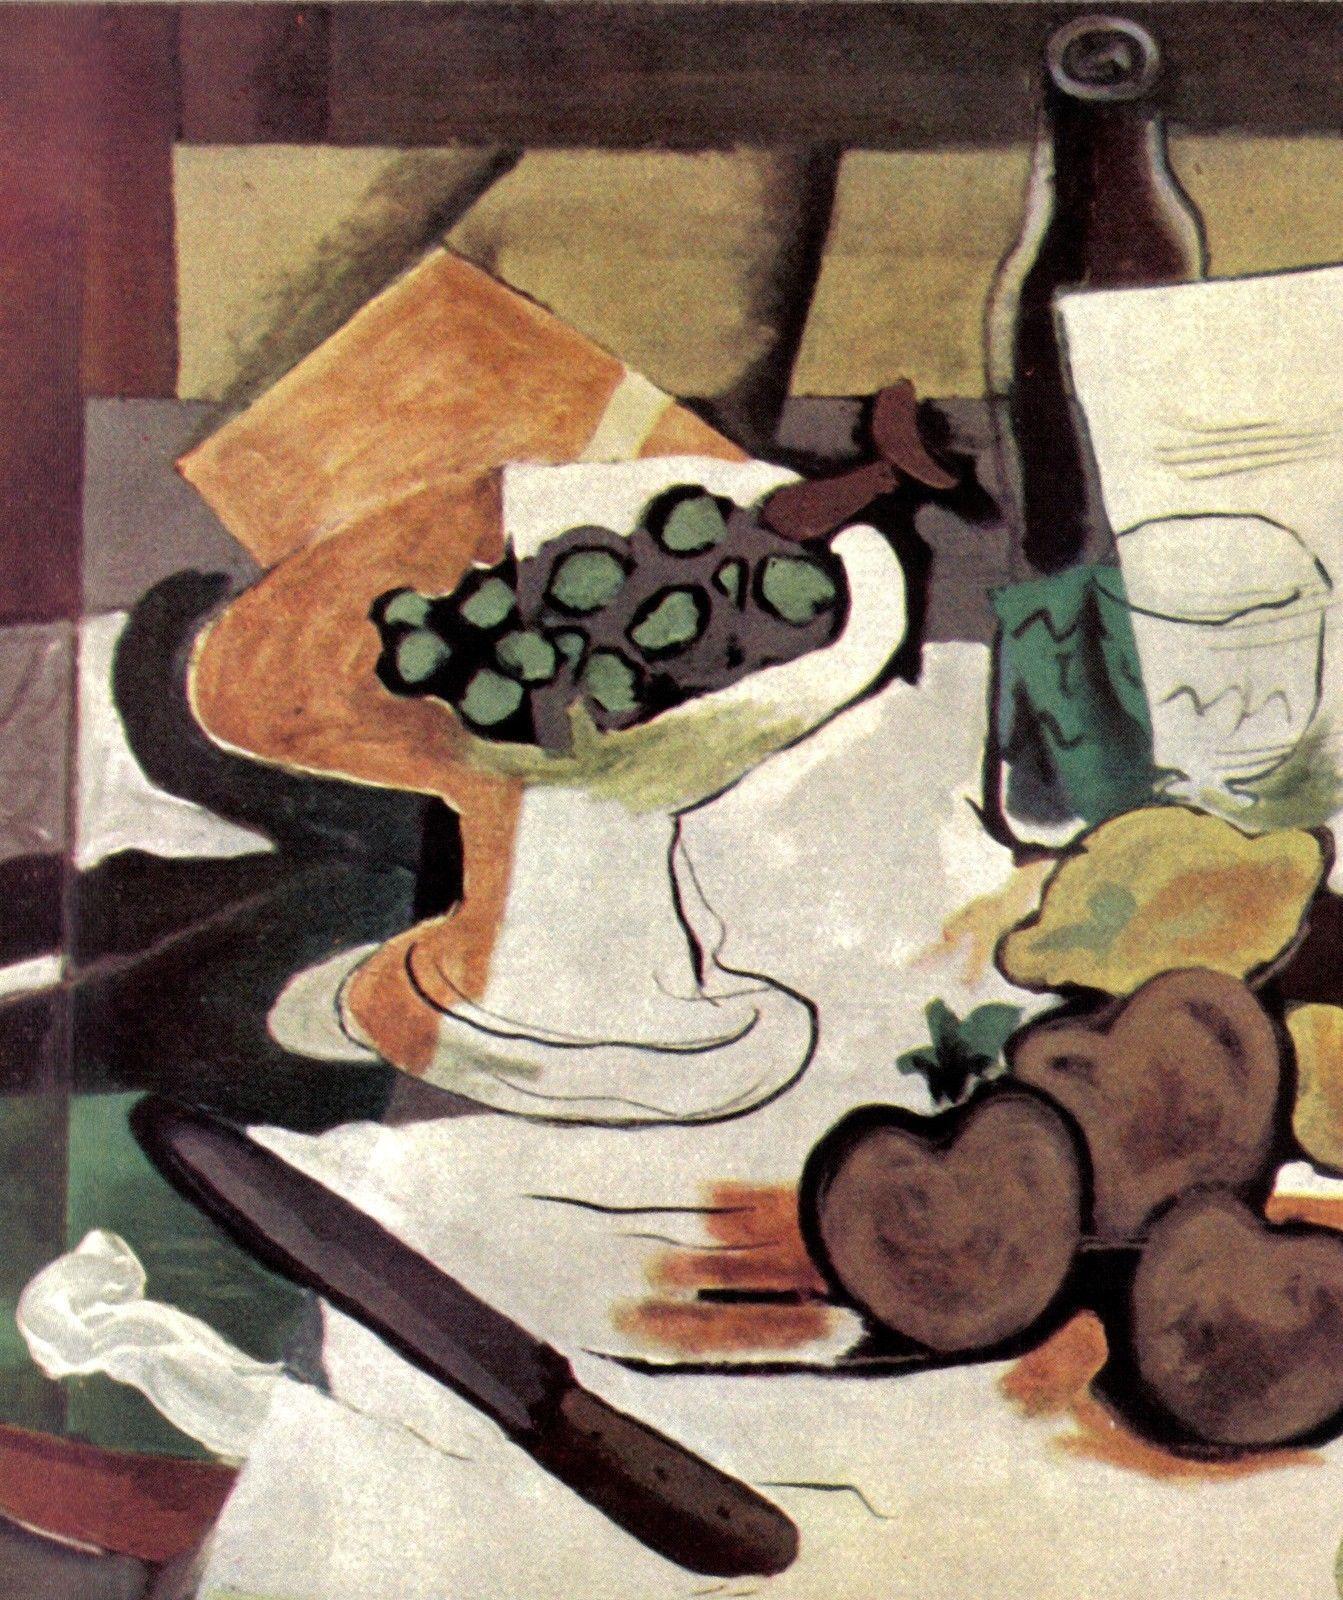 GEORGES BRAQUE 1935 LITHO PRINT w/COA invest in unique £ QUITE HISTORIC RARE ART